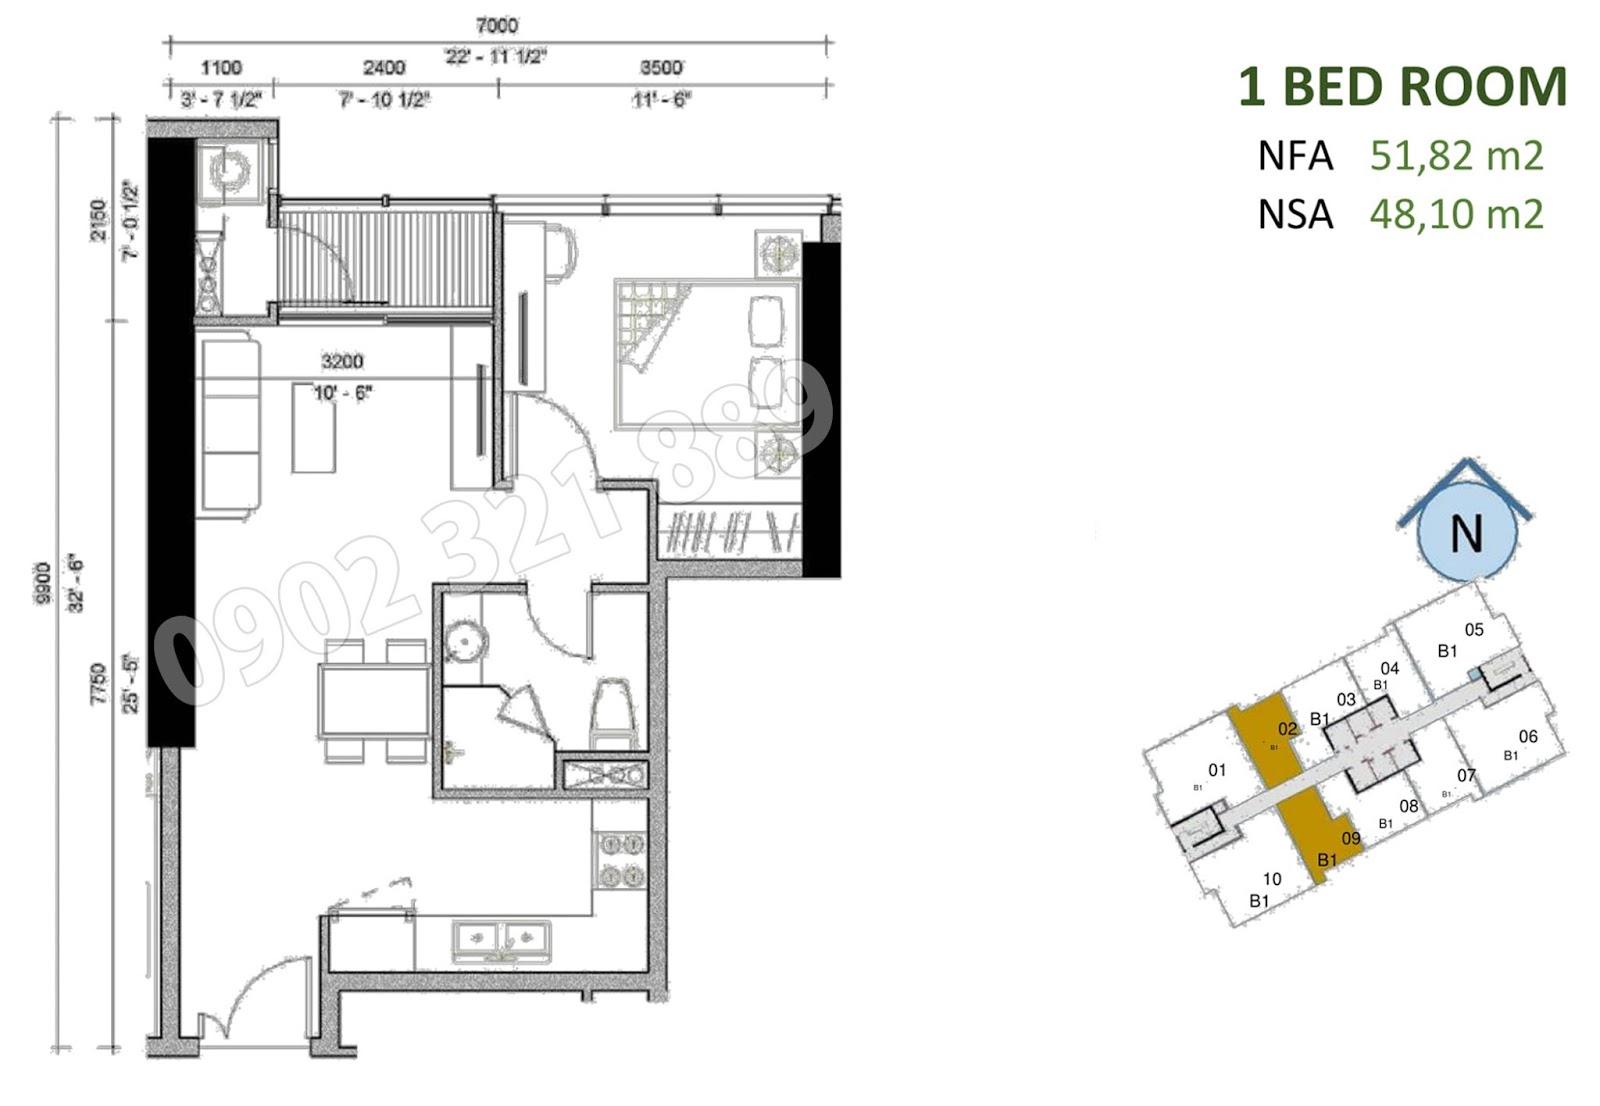 mặt bằng căn hộ sunwah pearl 1 phòng ngủ B1-02 và B1-09